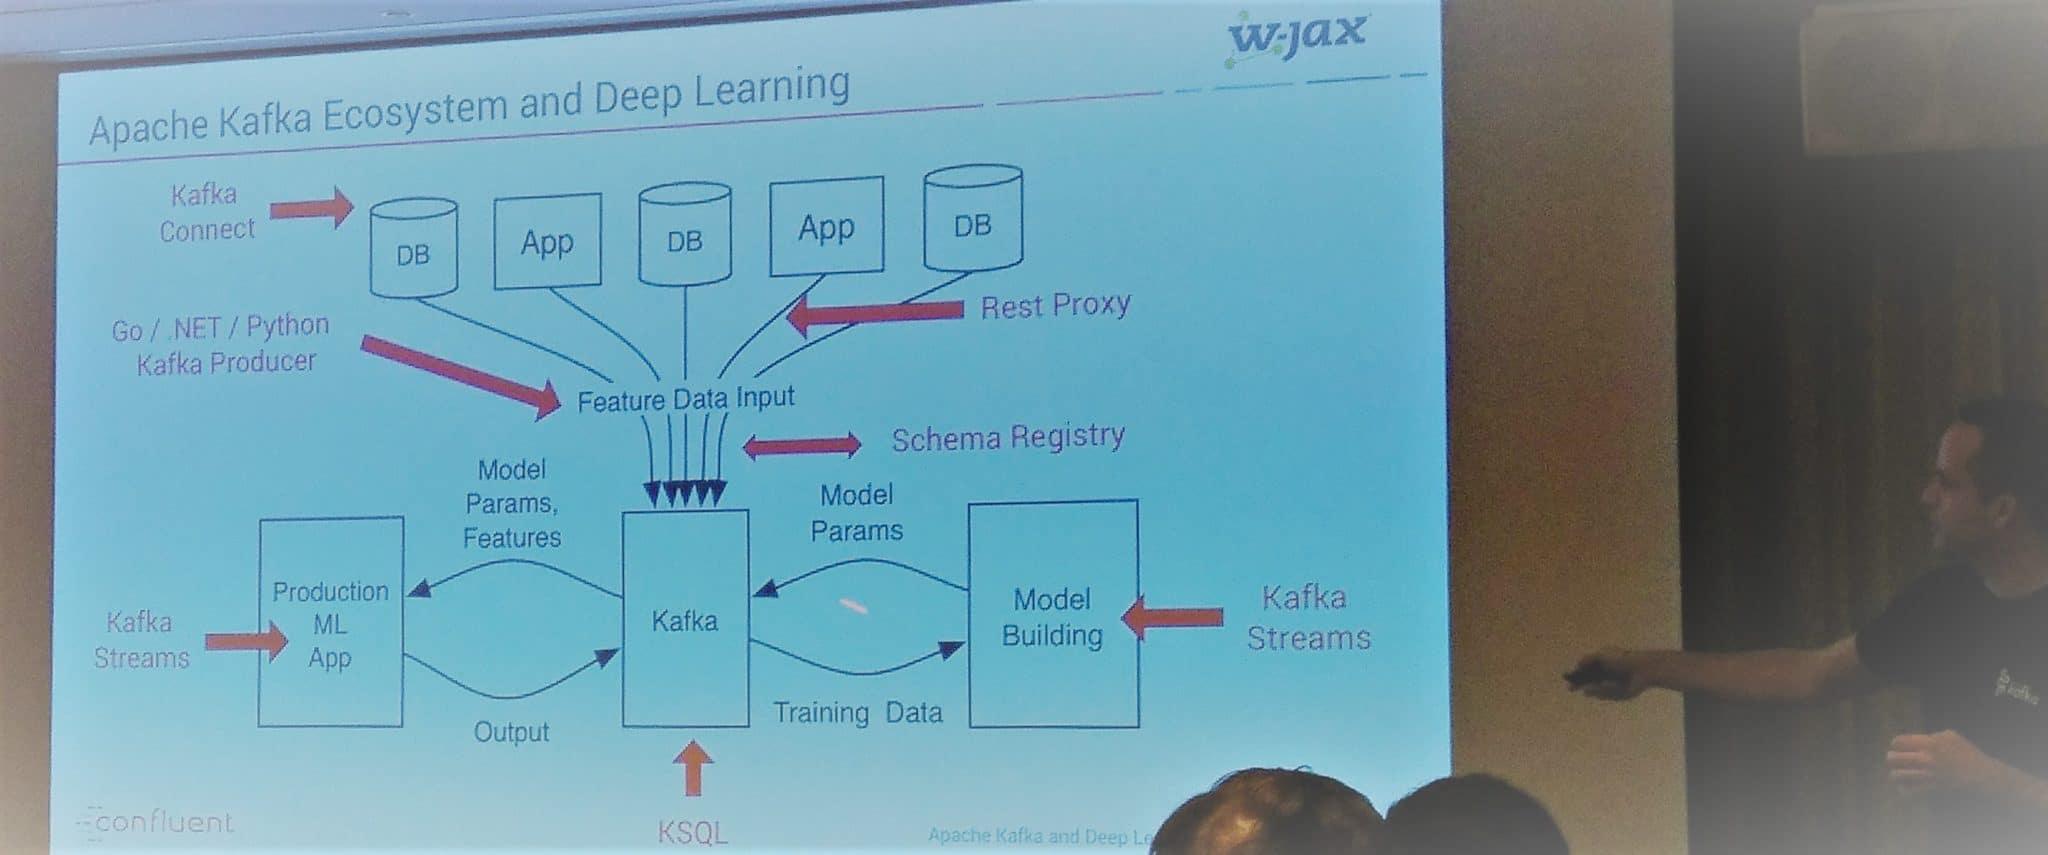 Kafka topics at this year's W-JAX in Munich - NovaTec Blog